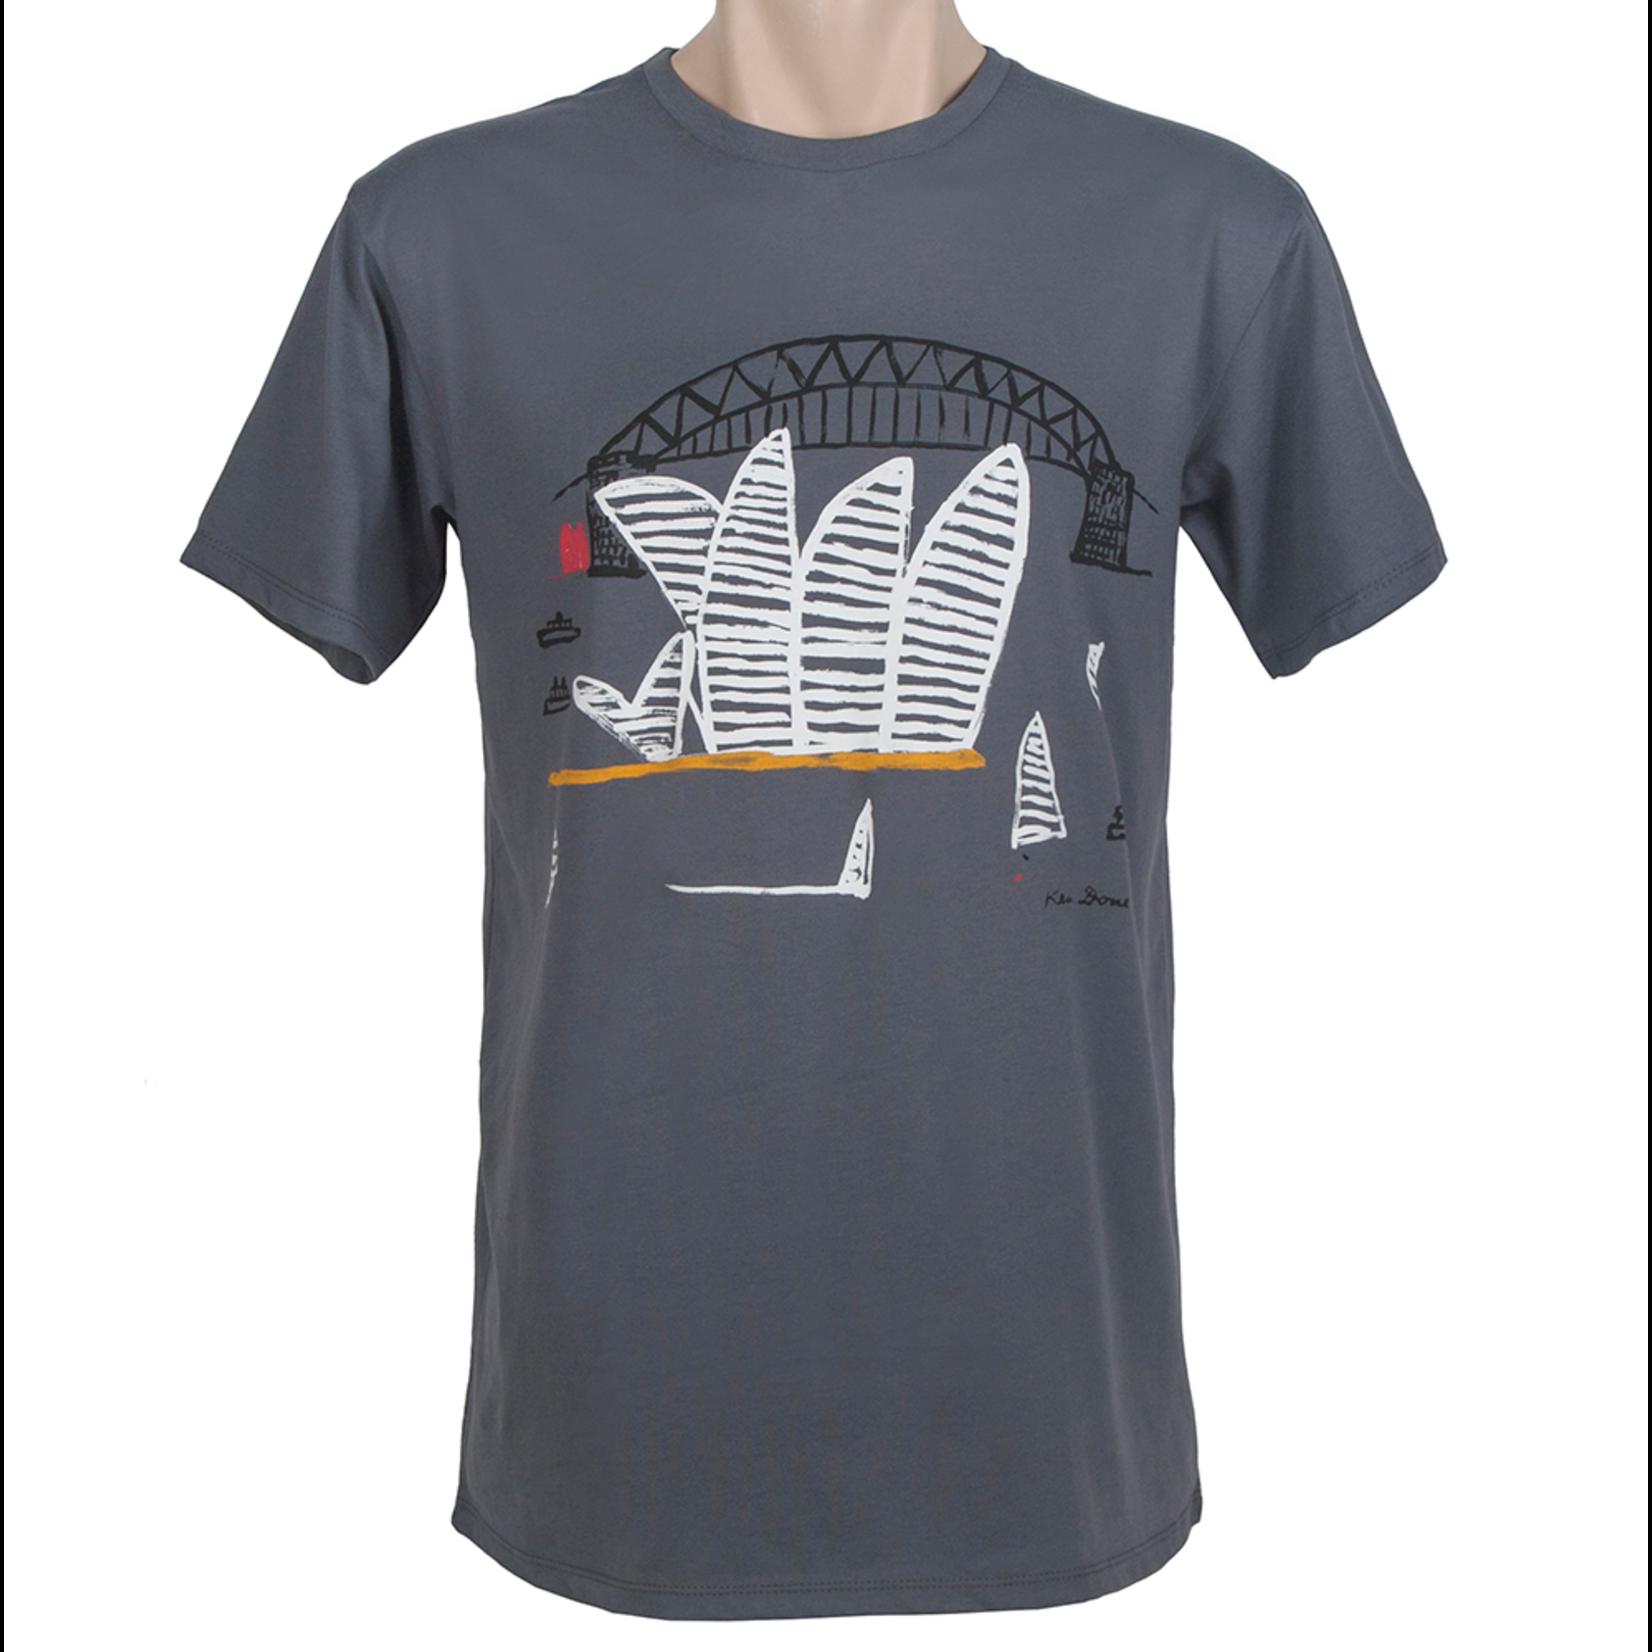 Clothing Tshirt - Classic -  Sydney Harbour Grey